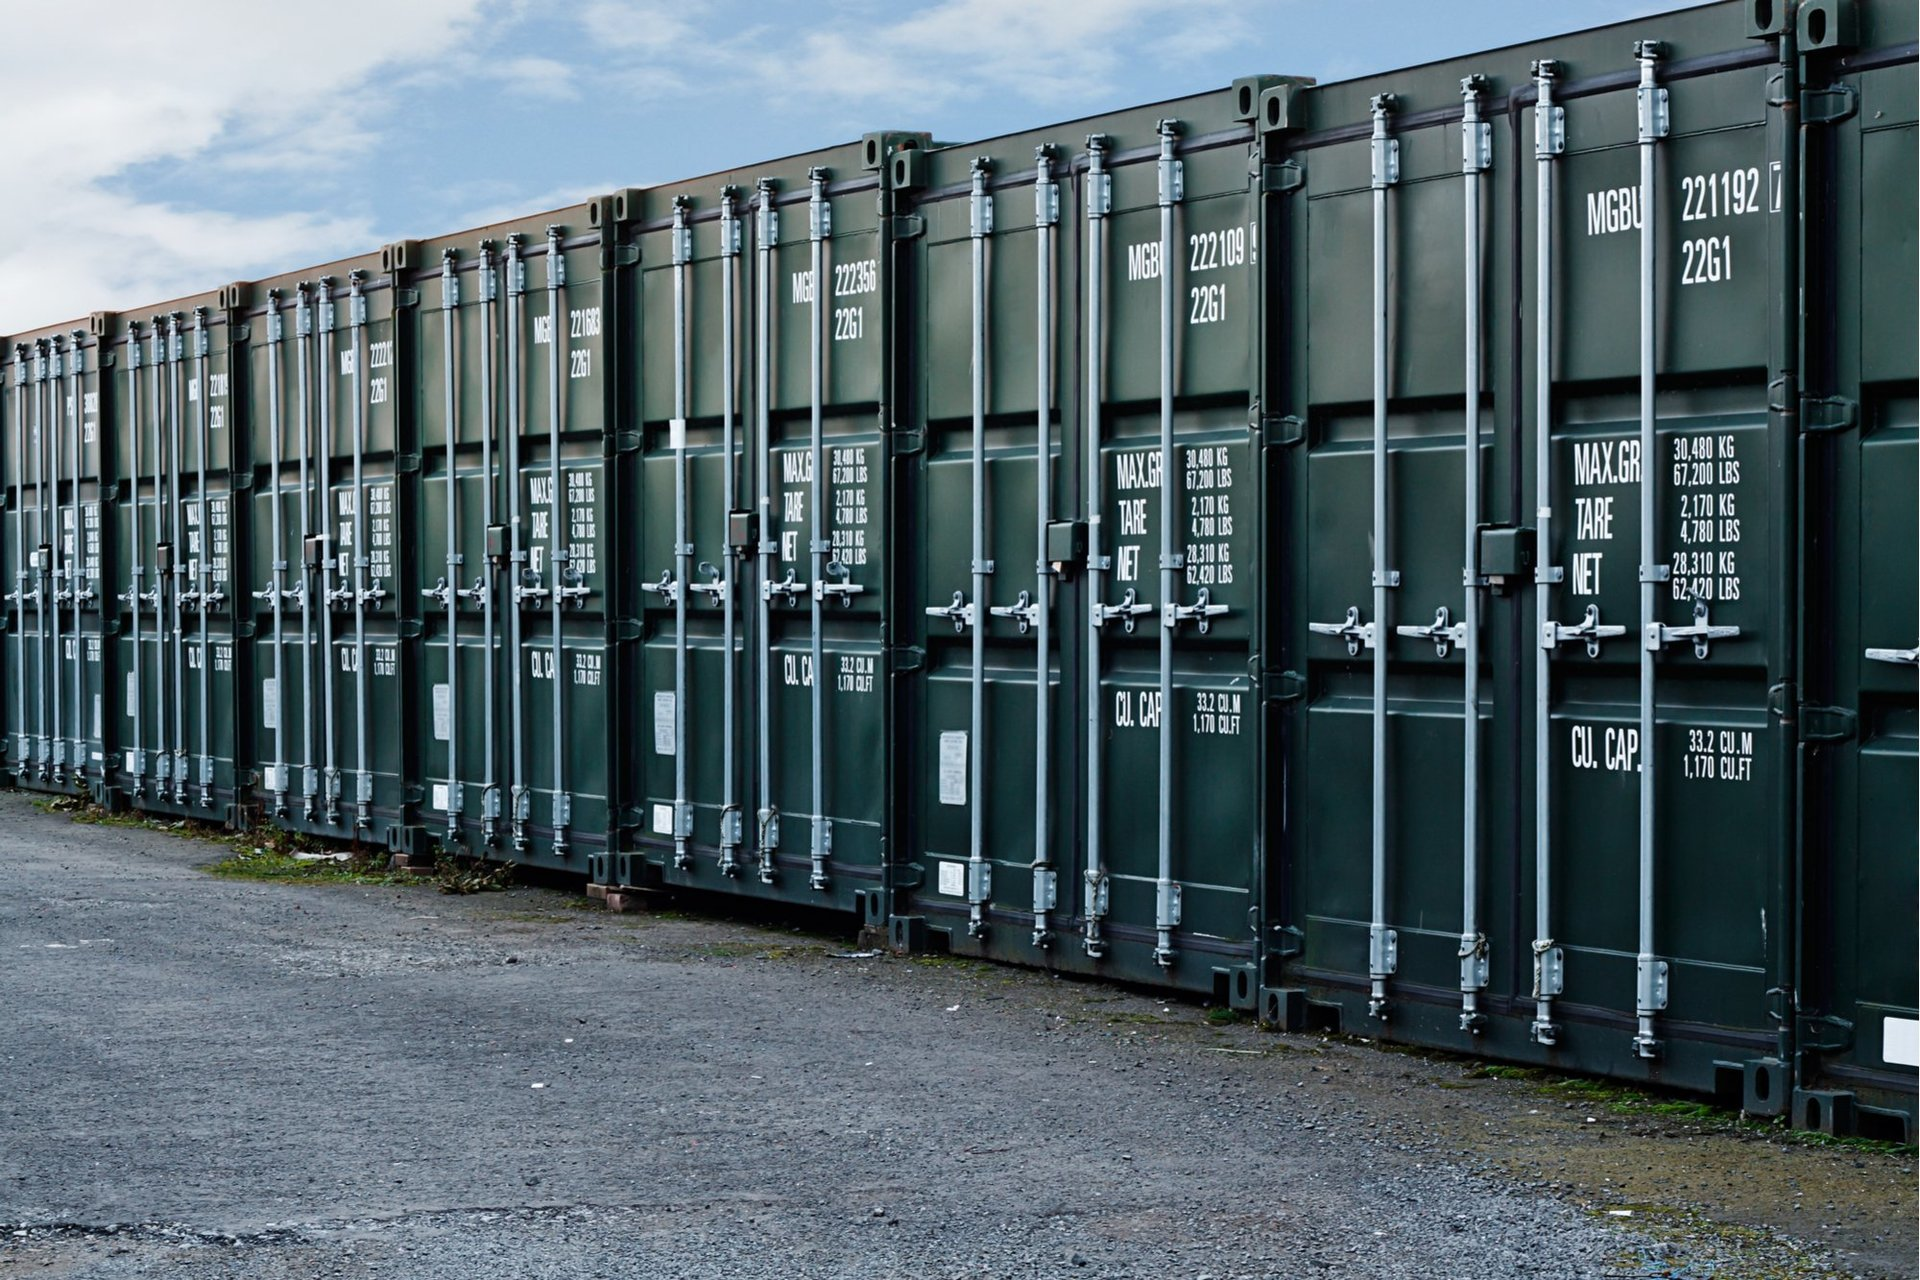 Storage container yard